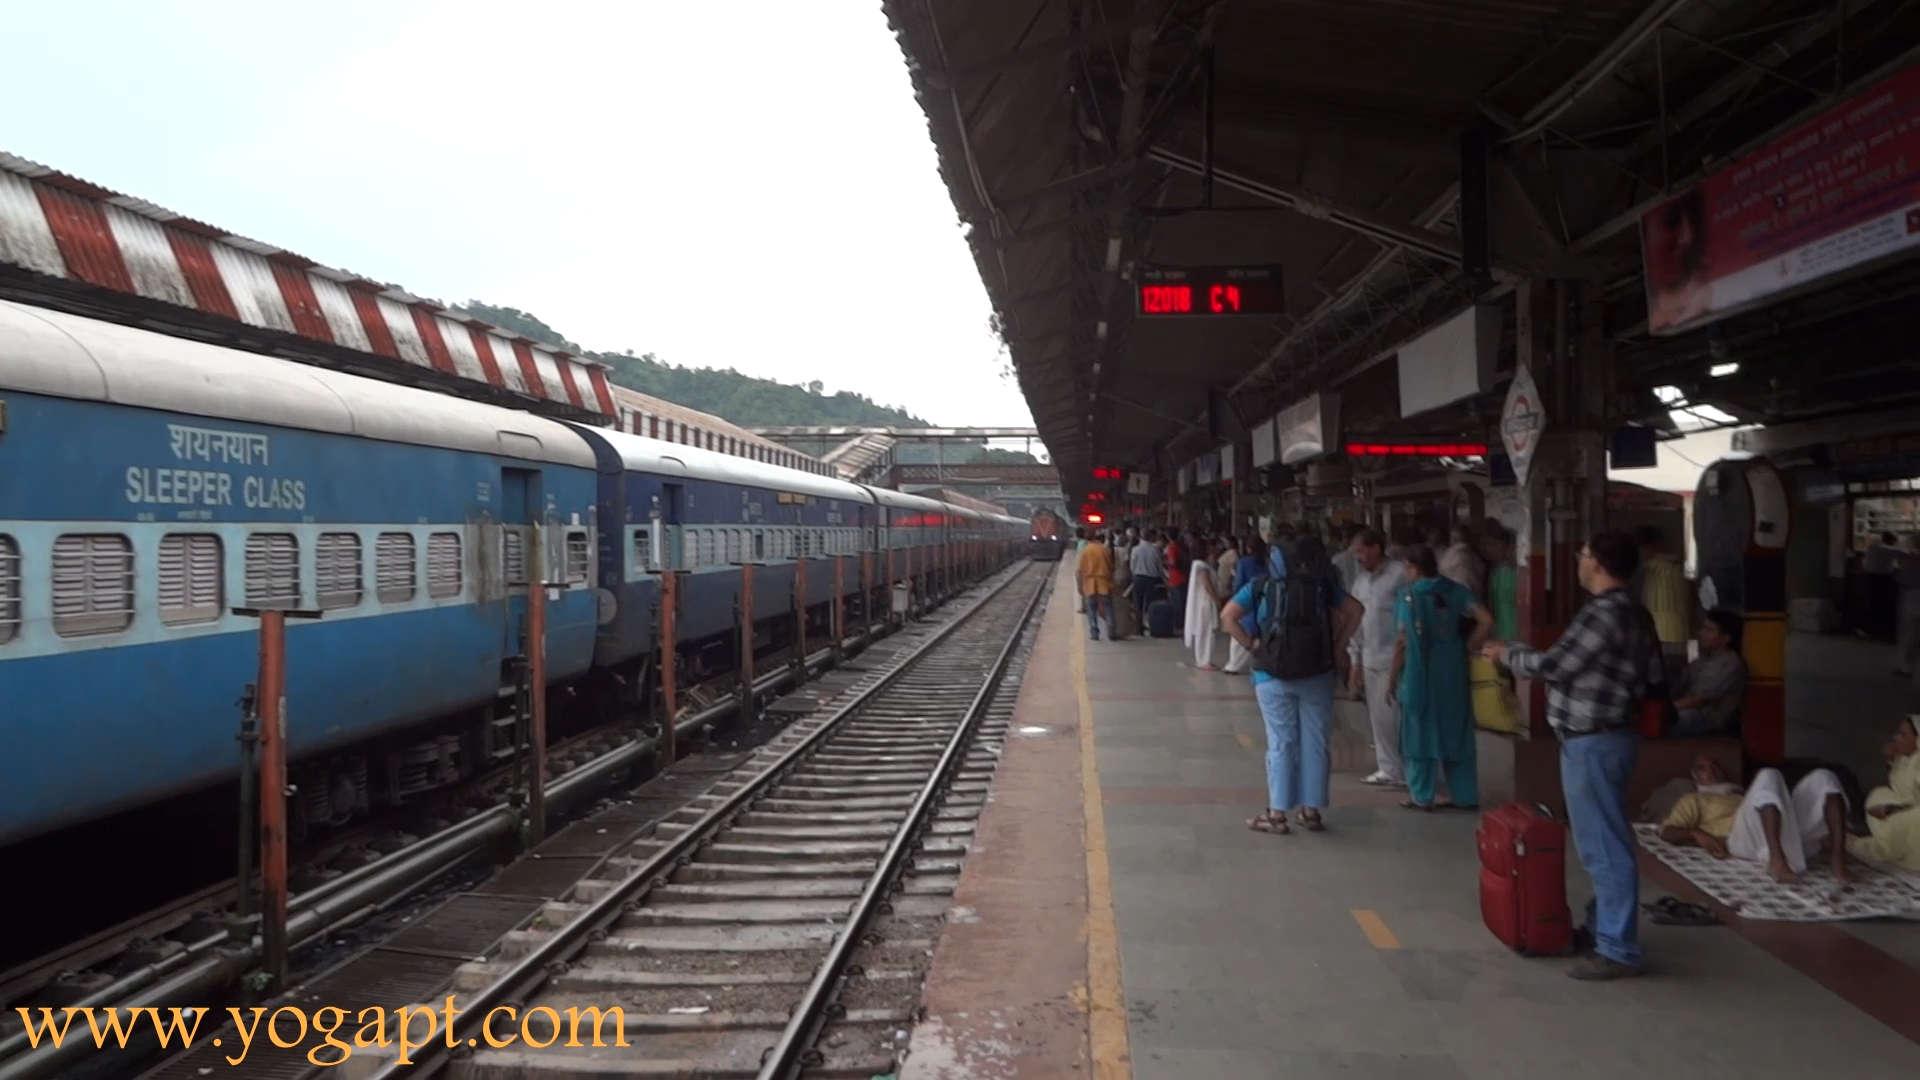 EStação de Comboios em Haridwar na Índia